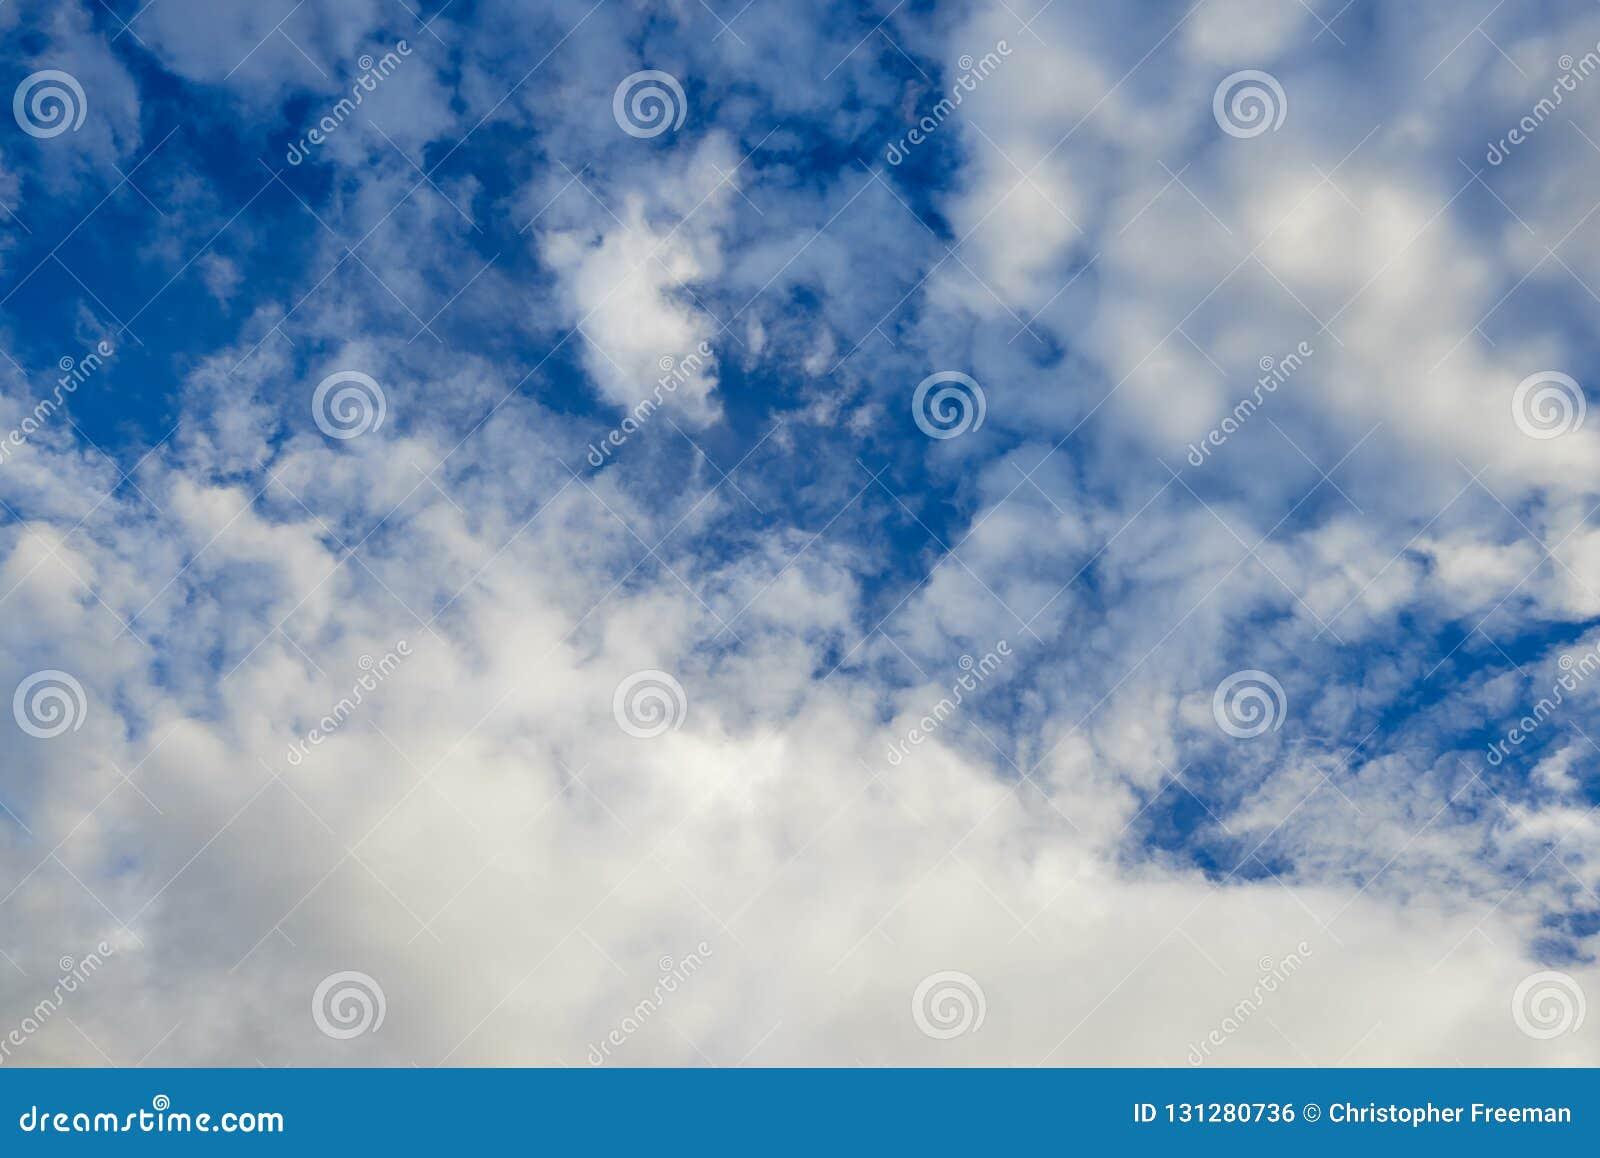 De vormingen van de Stratocumuluswolk en een briljant hemelhoogtepunt van gezichten